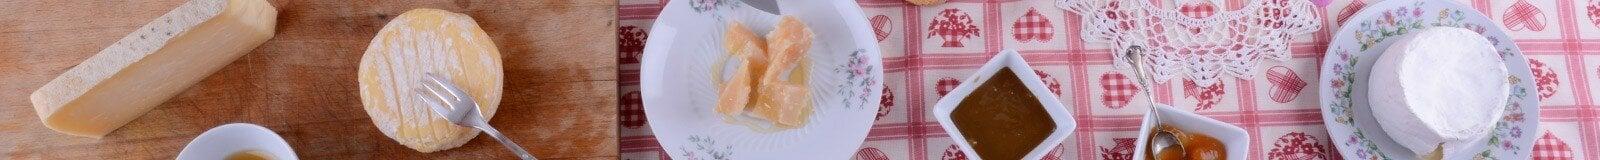 Salami and cheeses